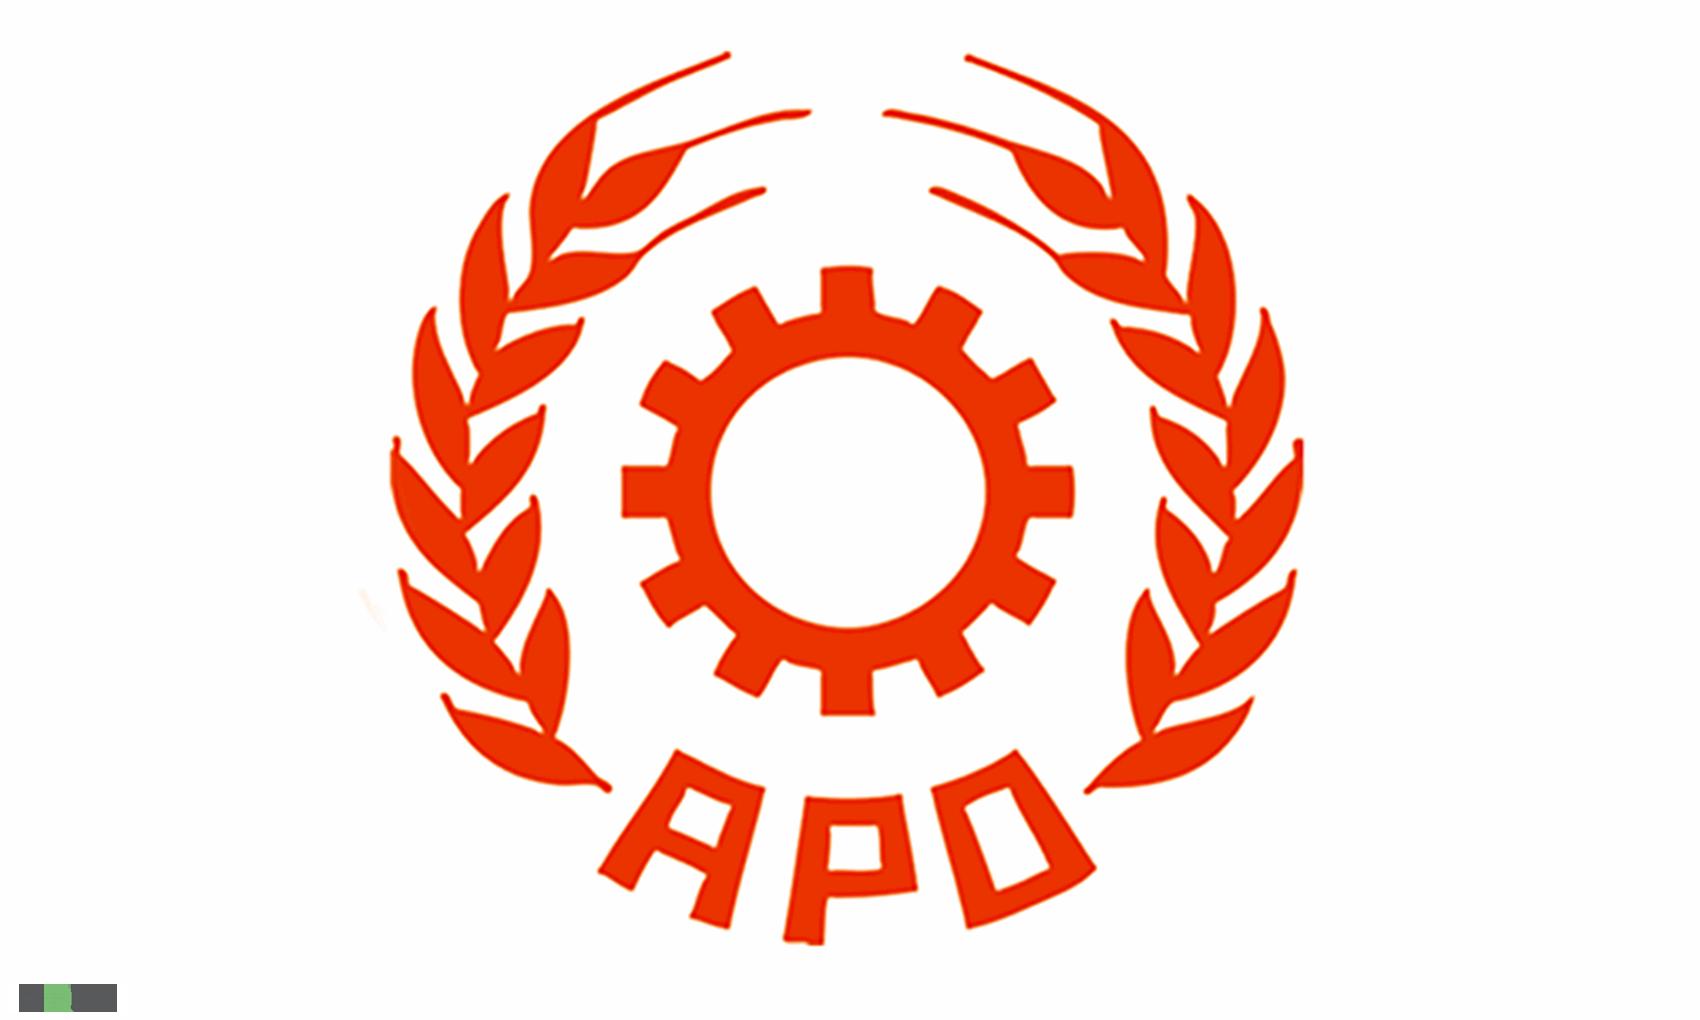 تمدید مهلت ثبت نام در جایزه ملی سازمان بهره وری آسیایی (APO)